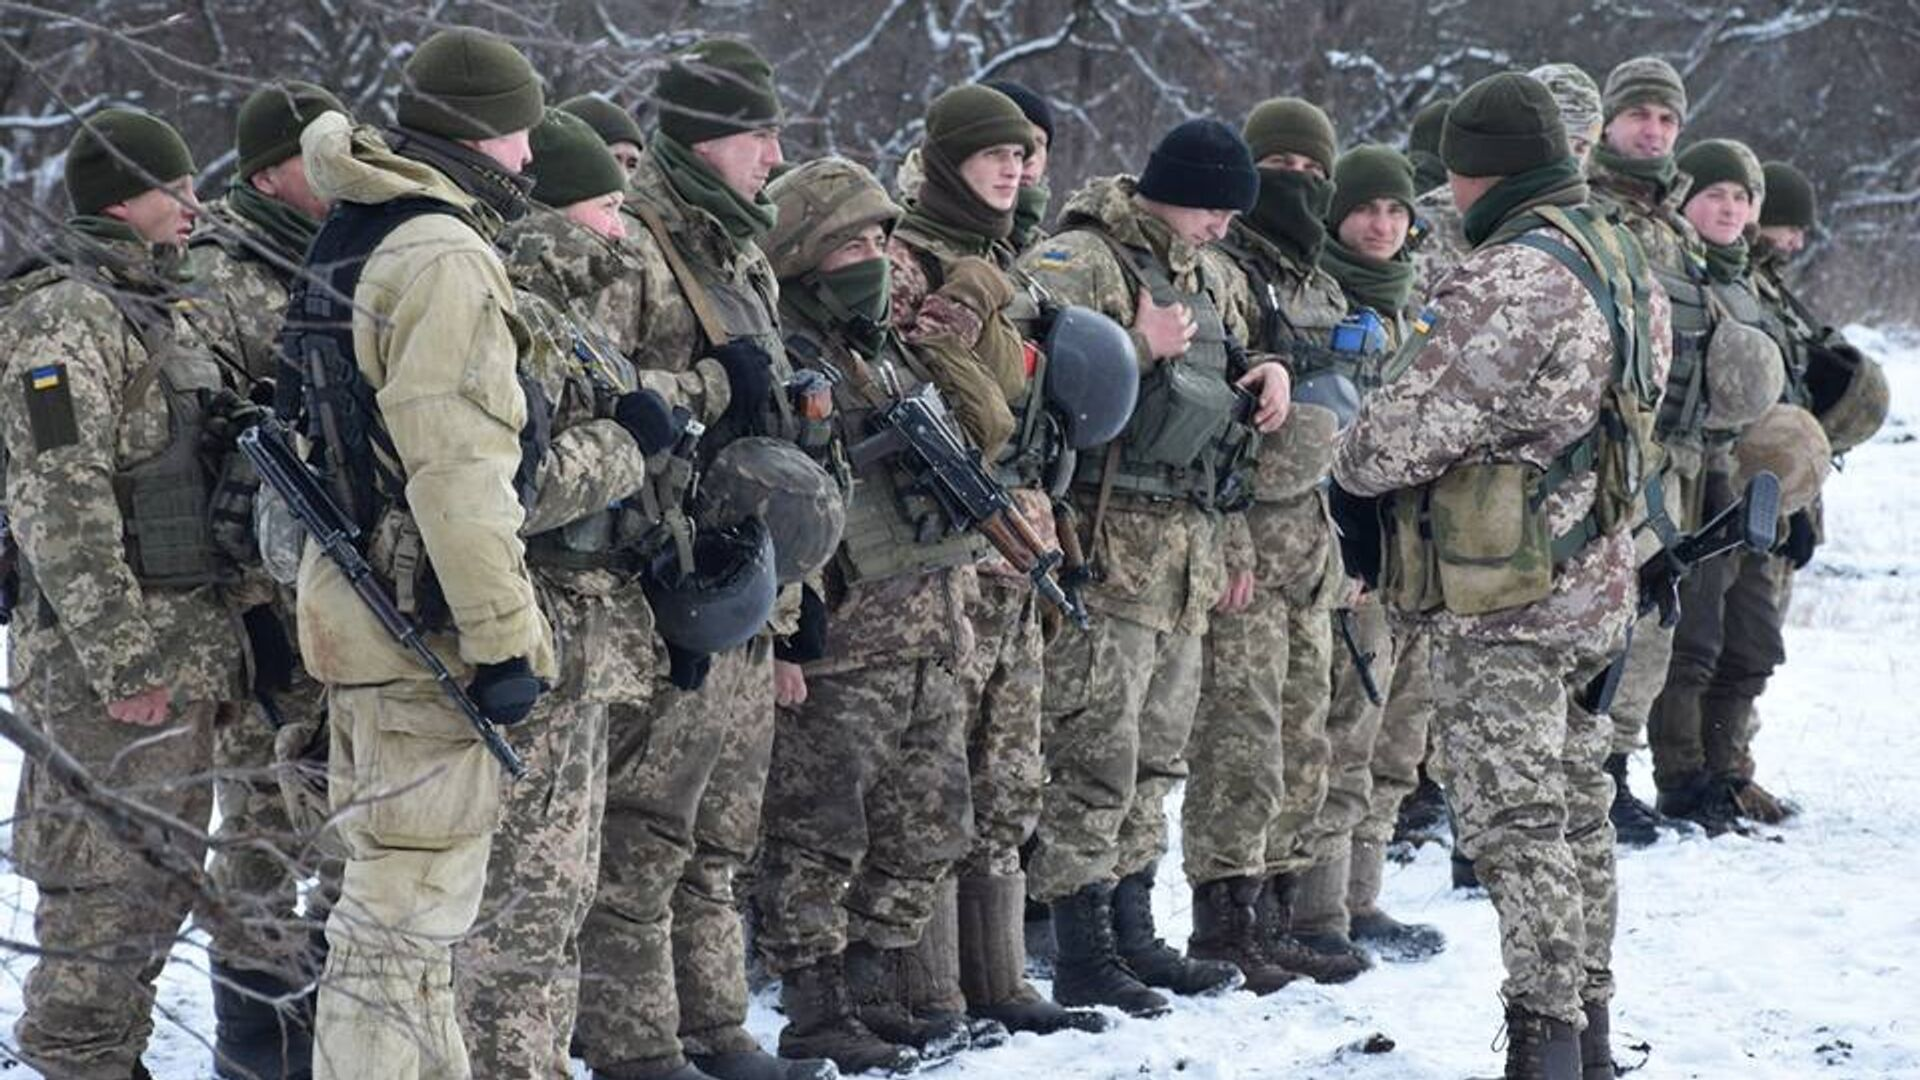 Военнослужащие вооруженных сил Украины на линии разграничения в Донбассе - РИА Новости, 1920, 28.02.2021